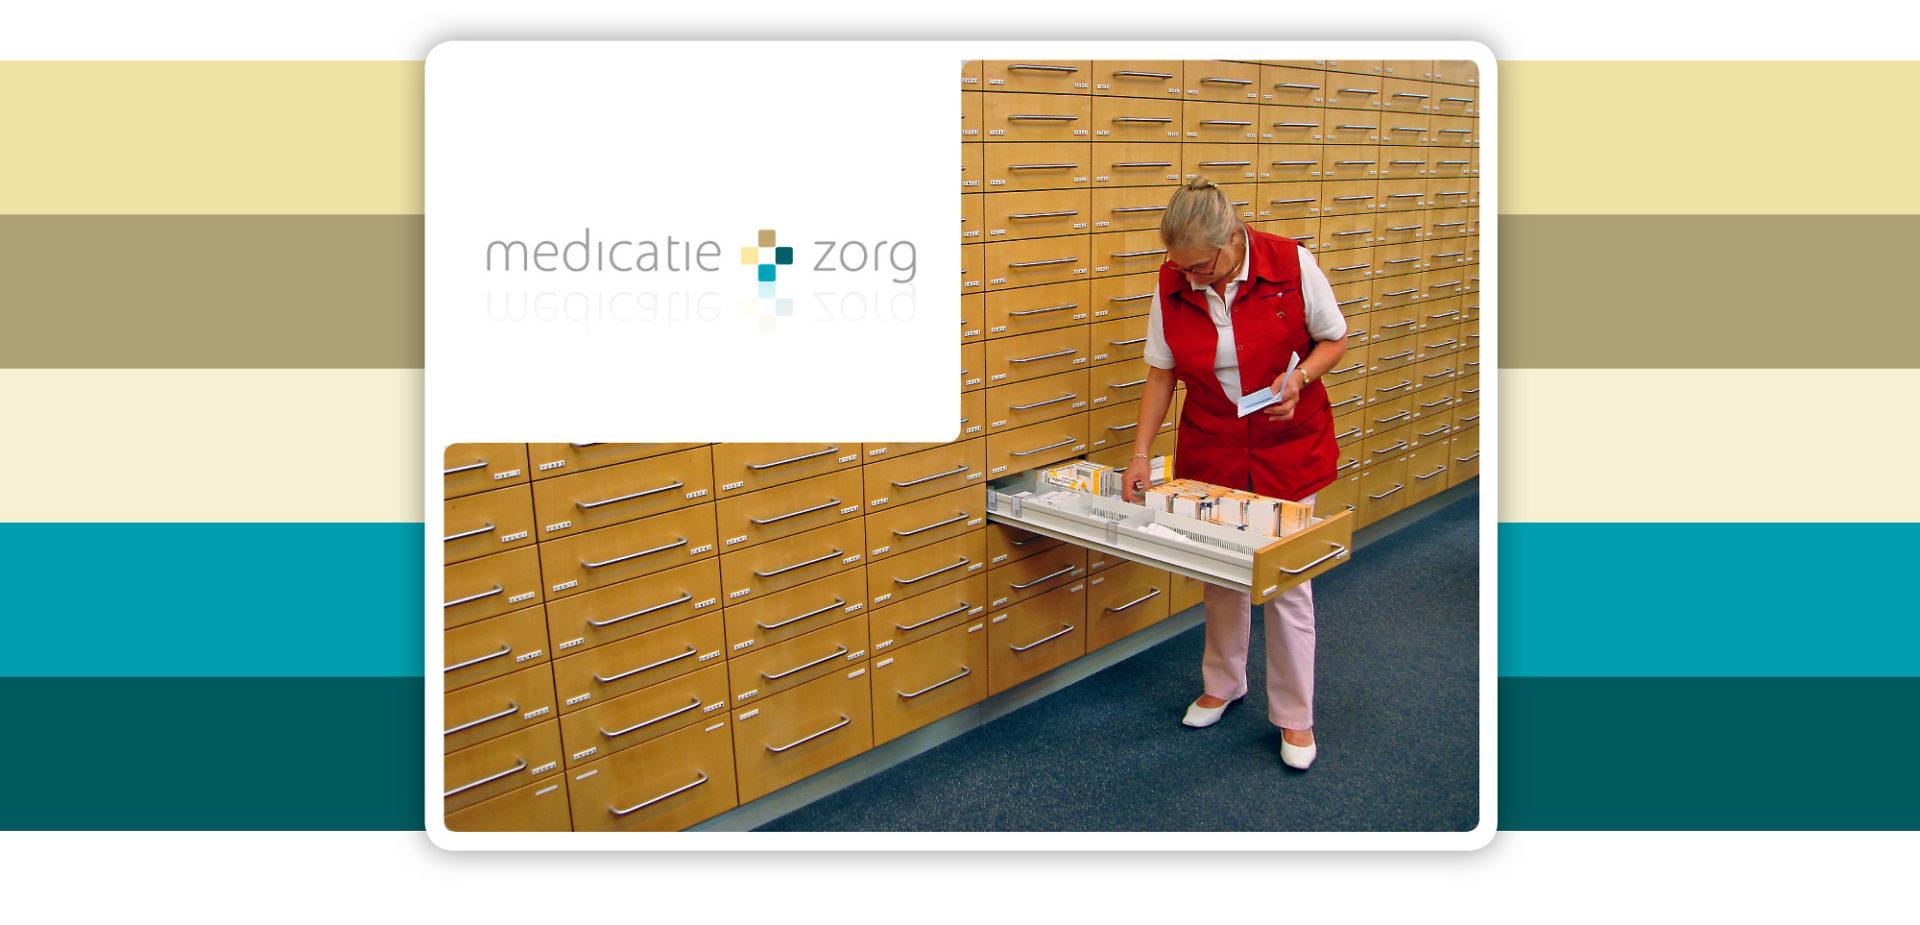 Medicatie-hoofdbanner - Jeroen Borrenbergs)